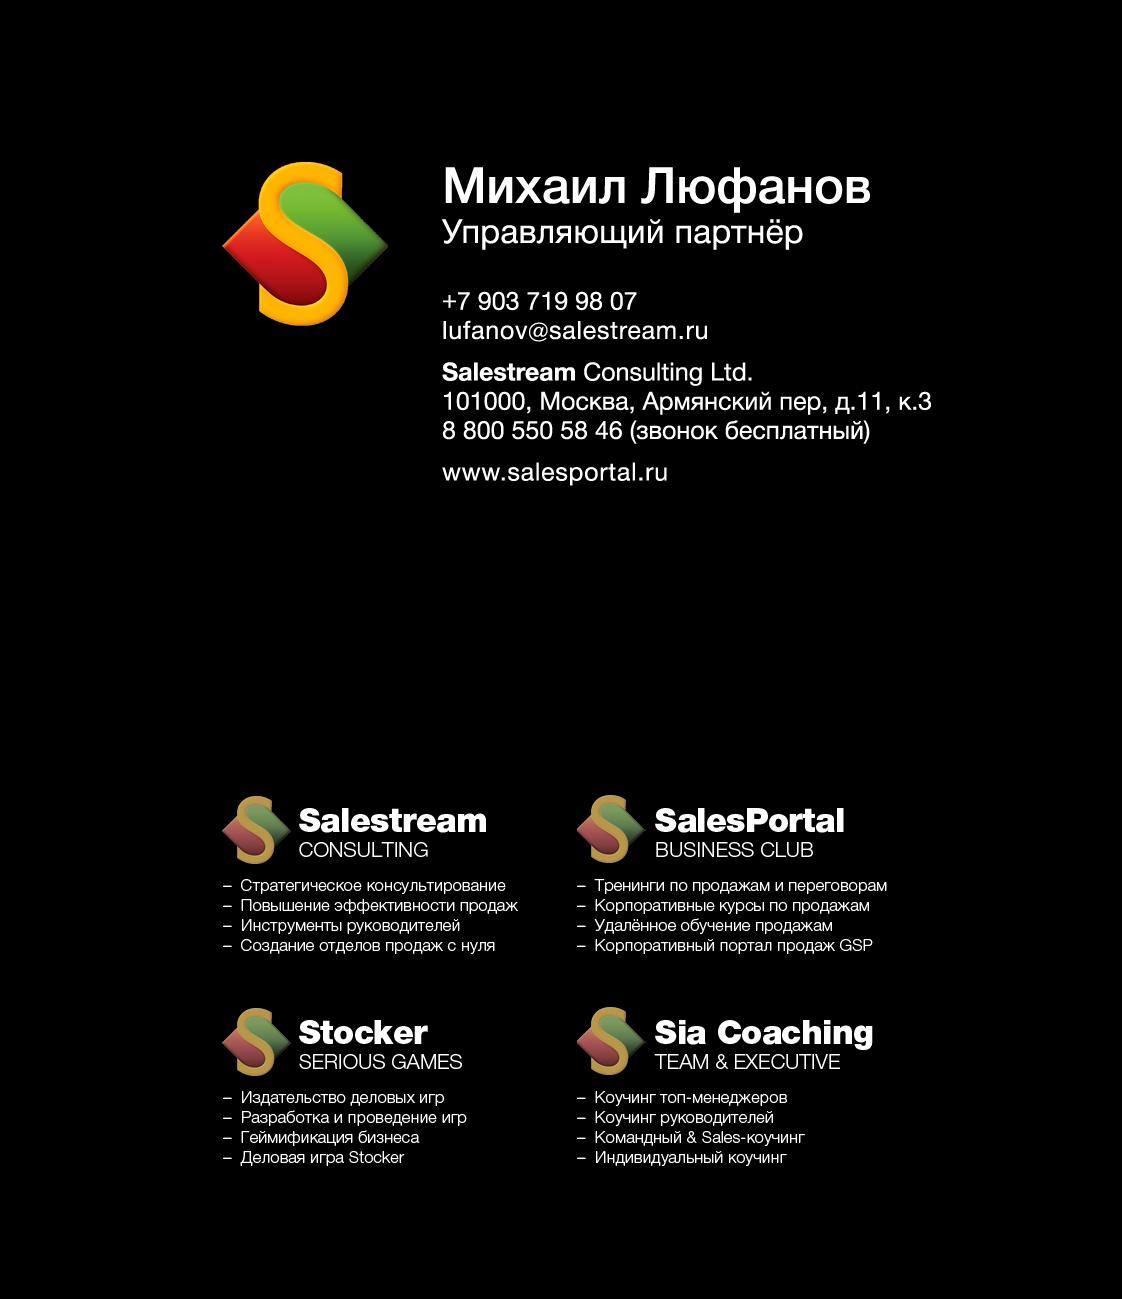 Визитка Михаила Люфанова